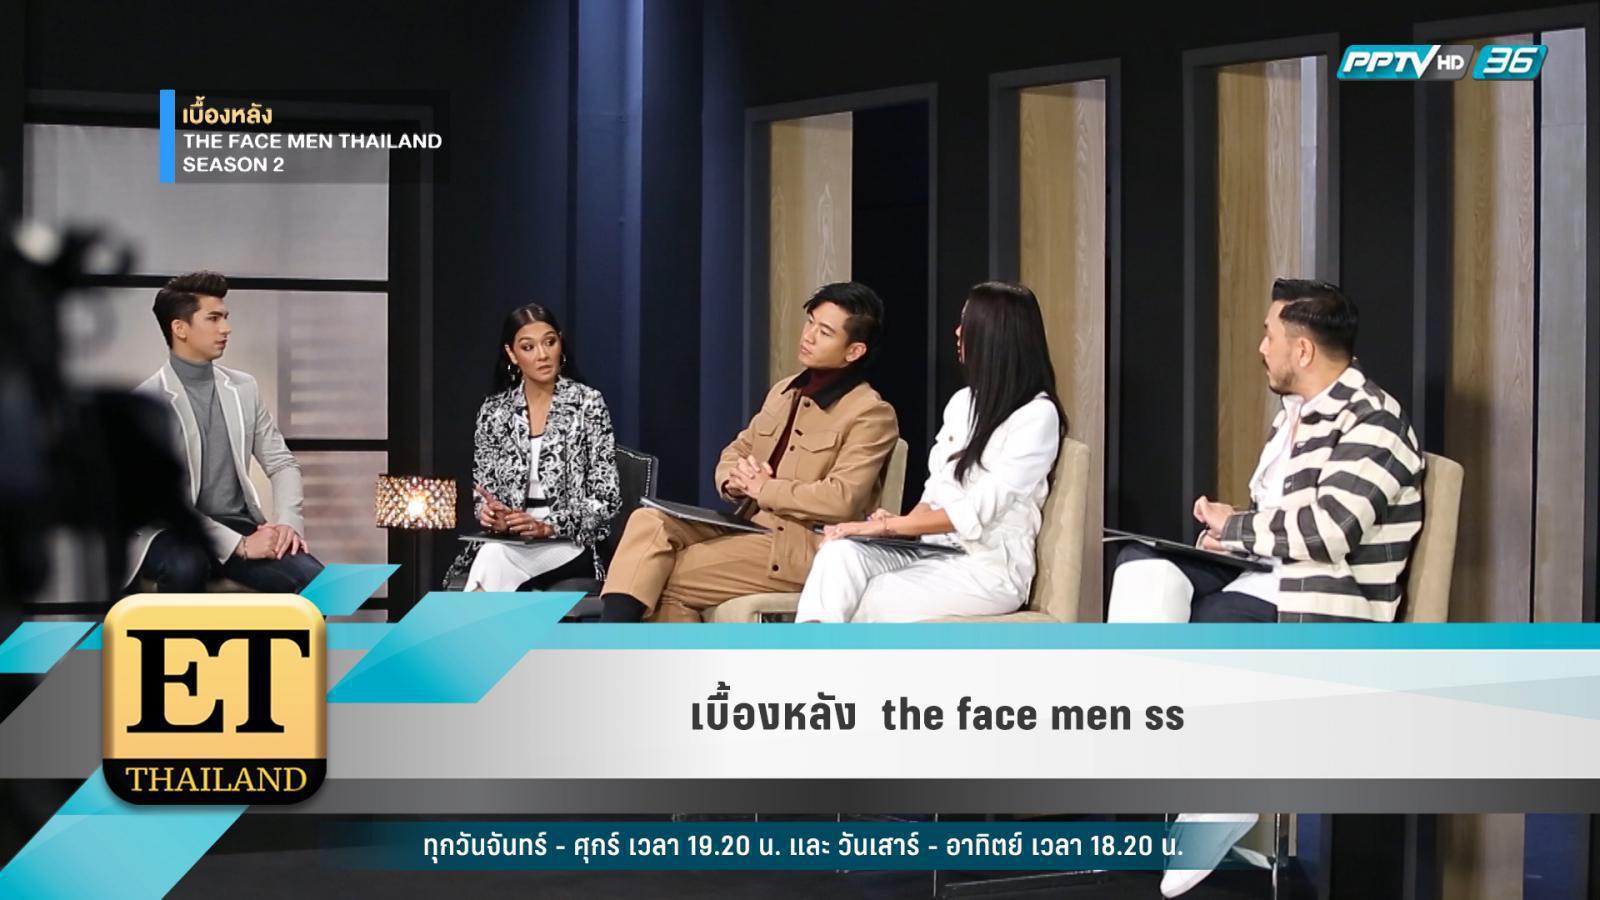 ชม! เบื้องหลังสุดเอ็กซ์คลูซีฟ   THE FACE MEN THAILAND 2